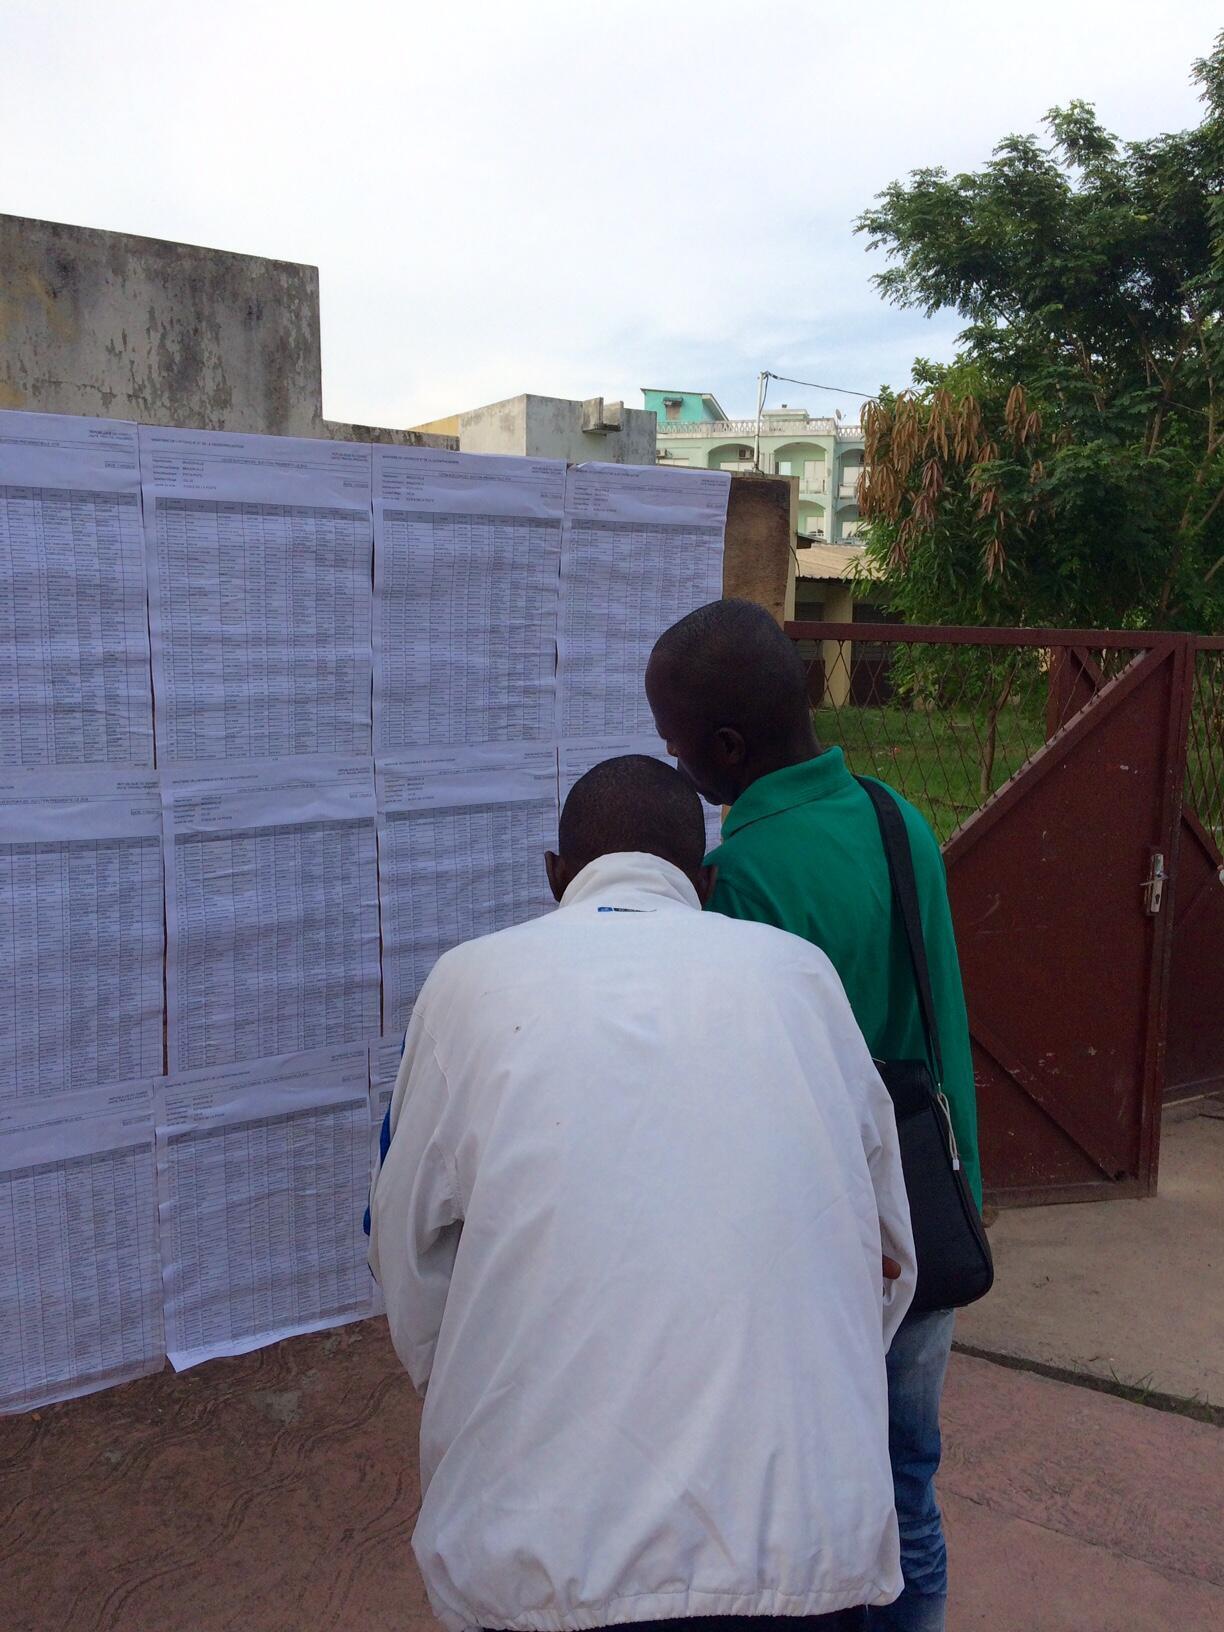 Des électeurs consultent un panneau d'affichage devant un bureau de vote dans le quartier de Poto-Poto à Brazzaville, le 20 mars.